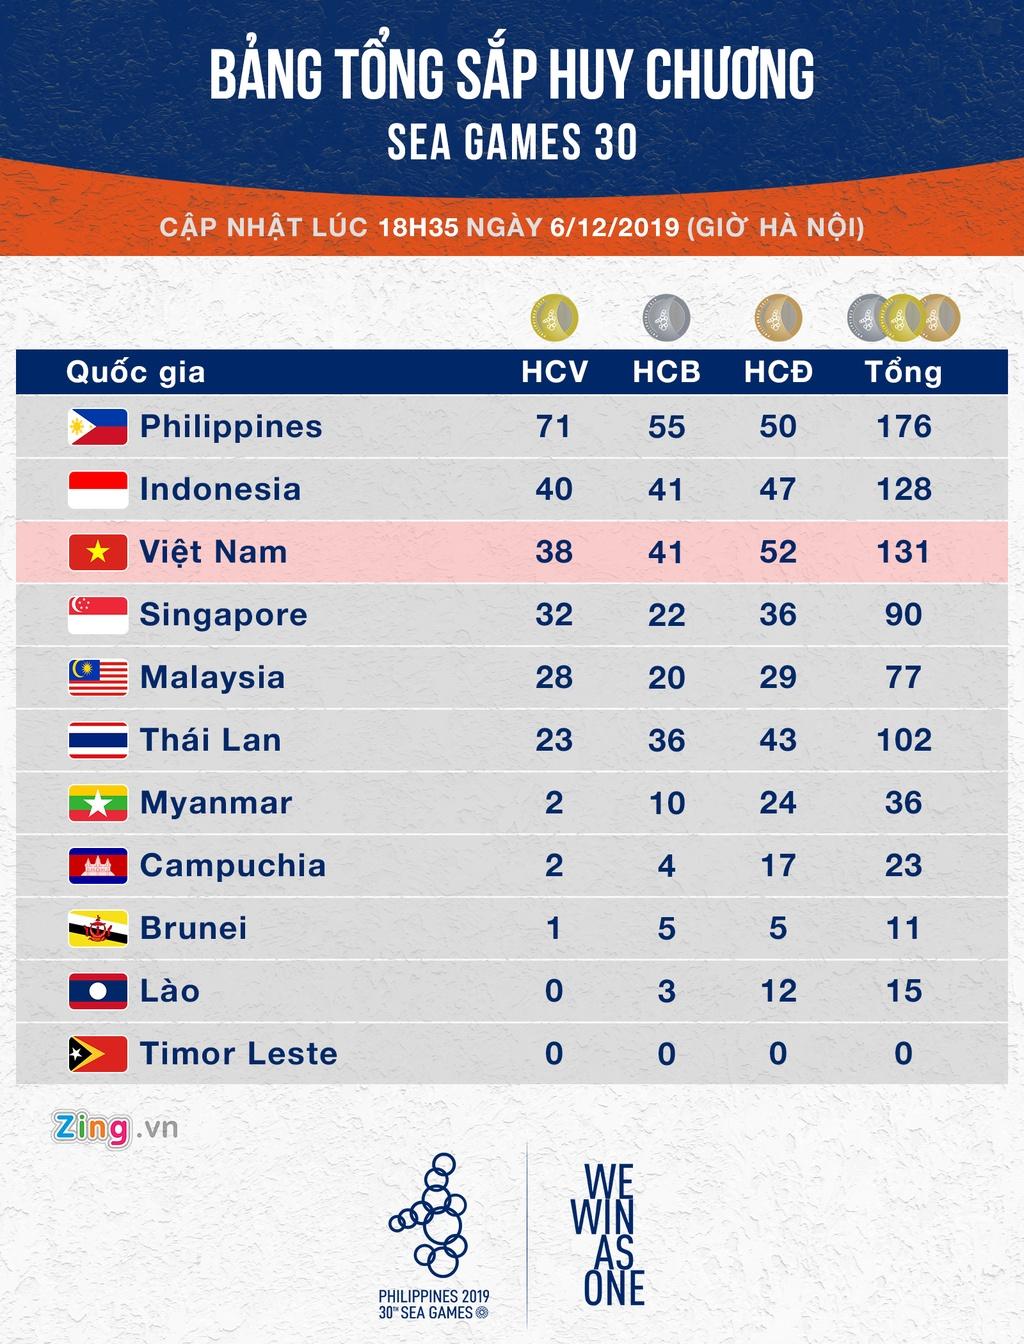 Bang tong sap huy chuong SEA Games 30: Indonesia vuot Viet Nam hinh anh 1